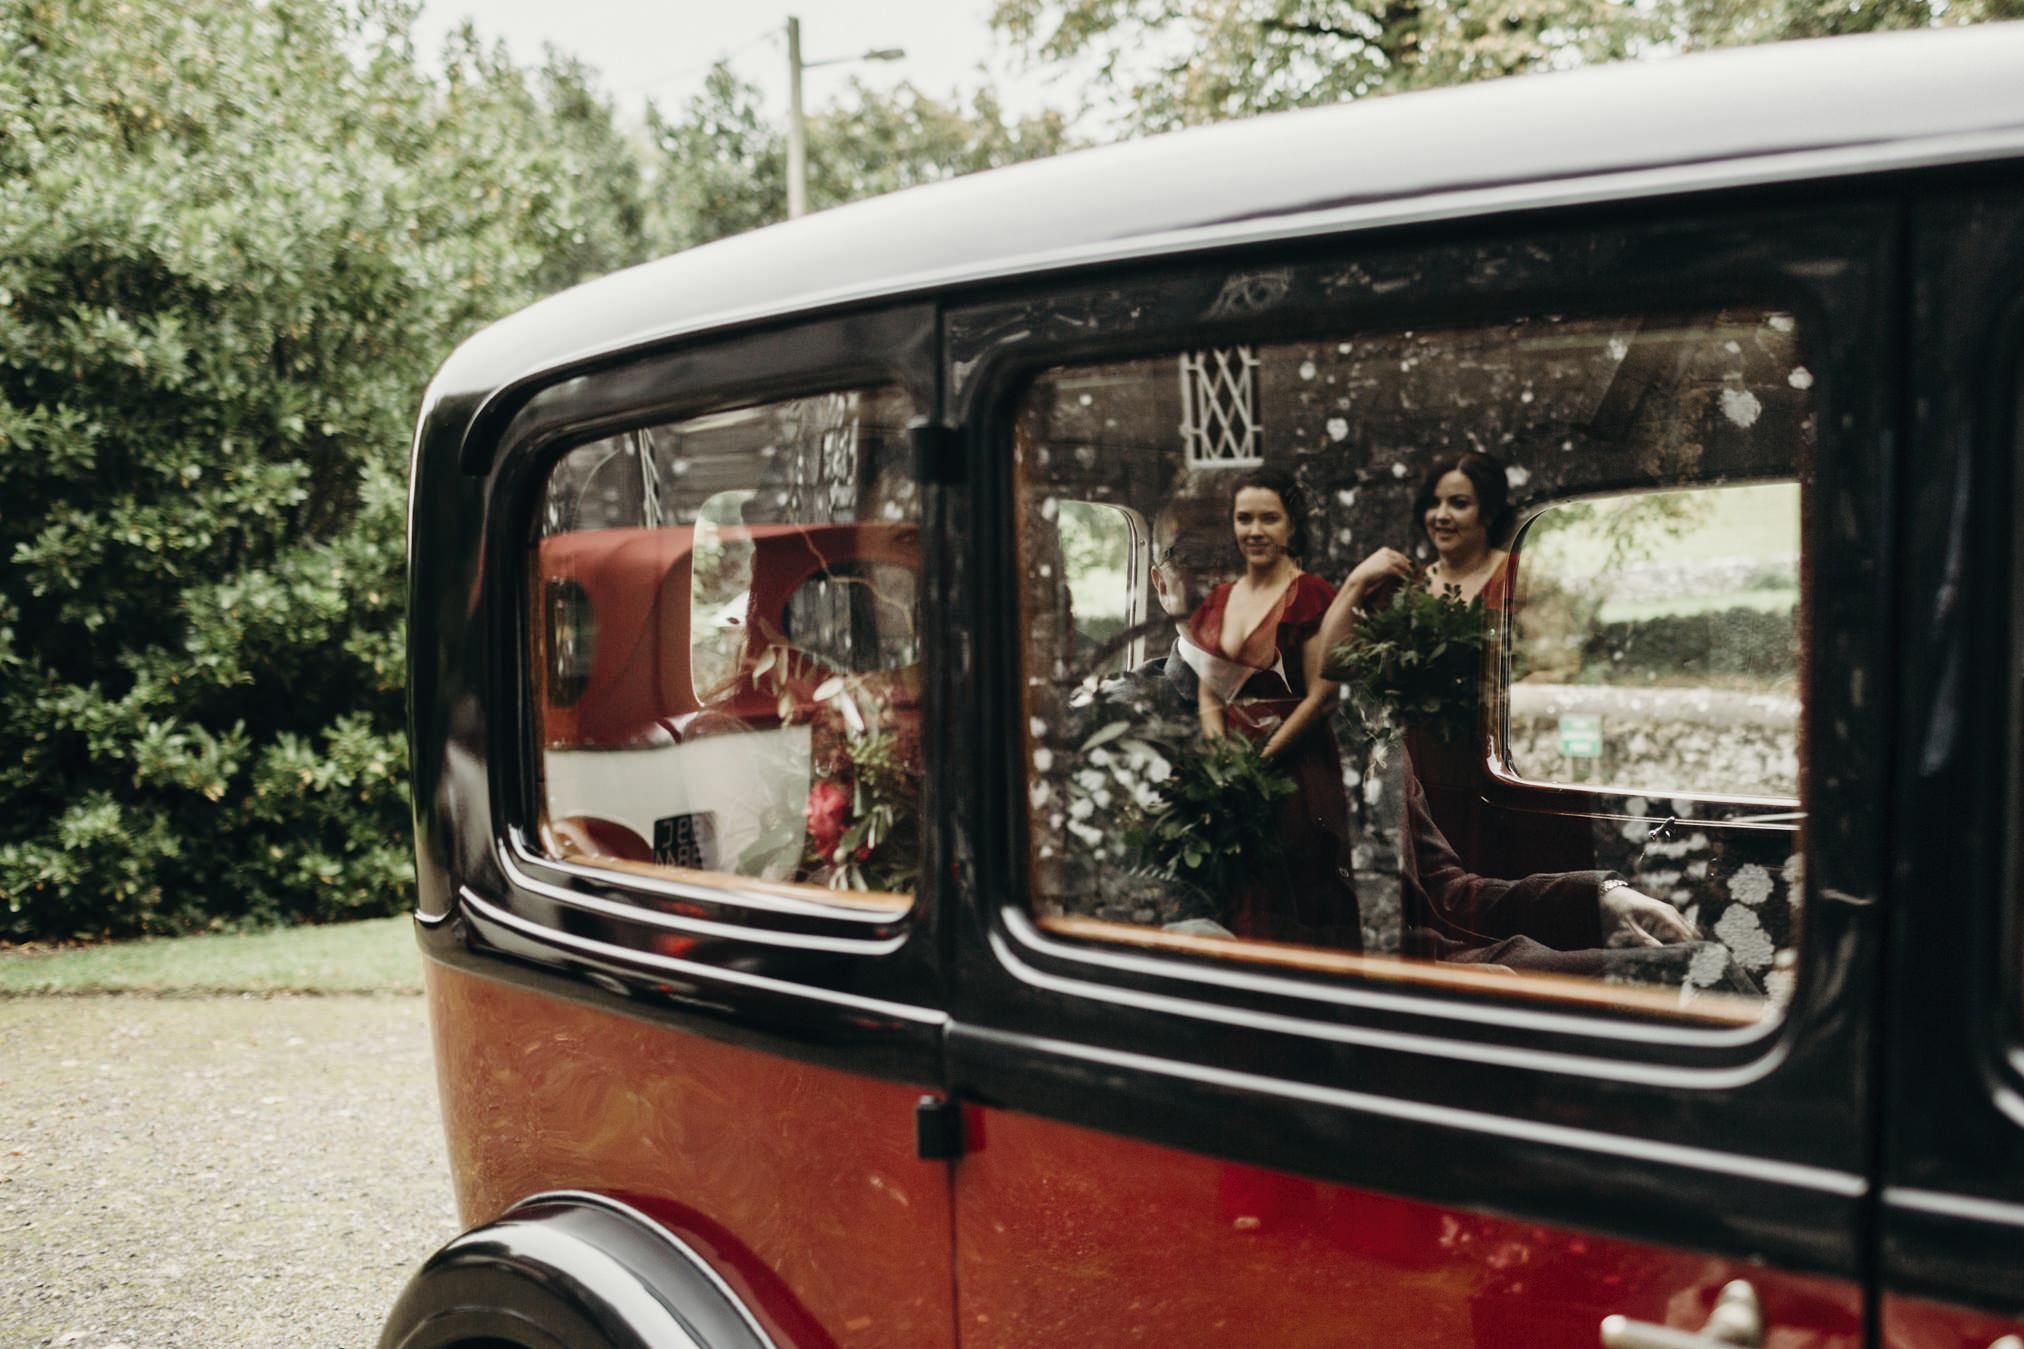 wedding photographer irelandGraciela Vilagudin Photography533.jpg